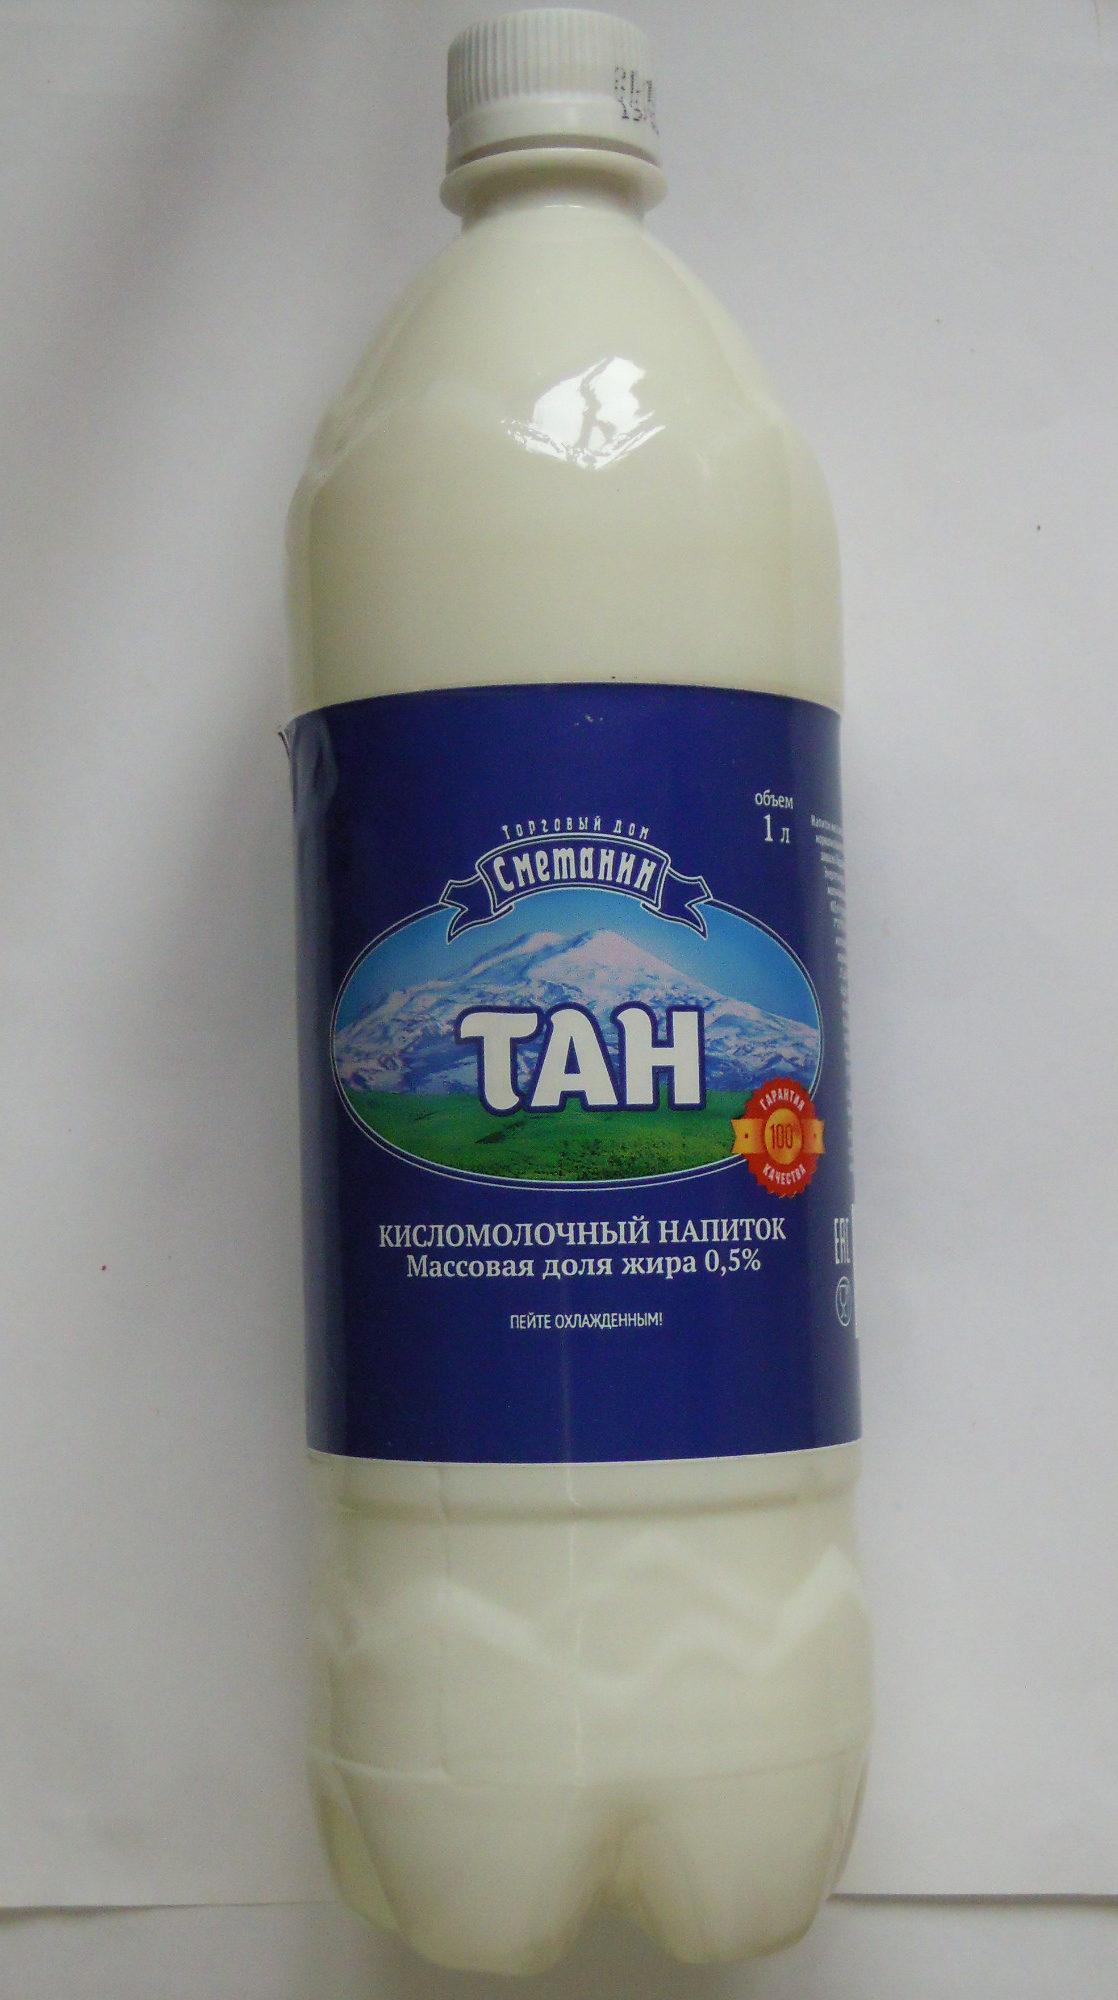 Тан - Produit